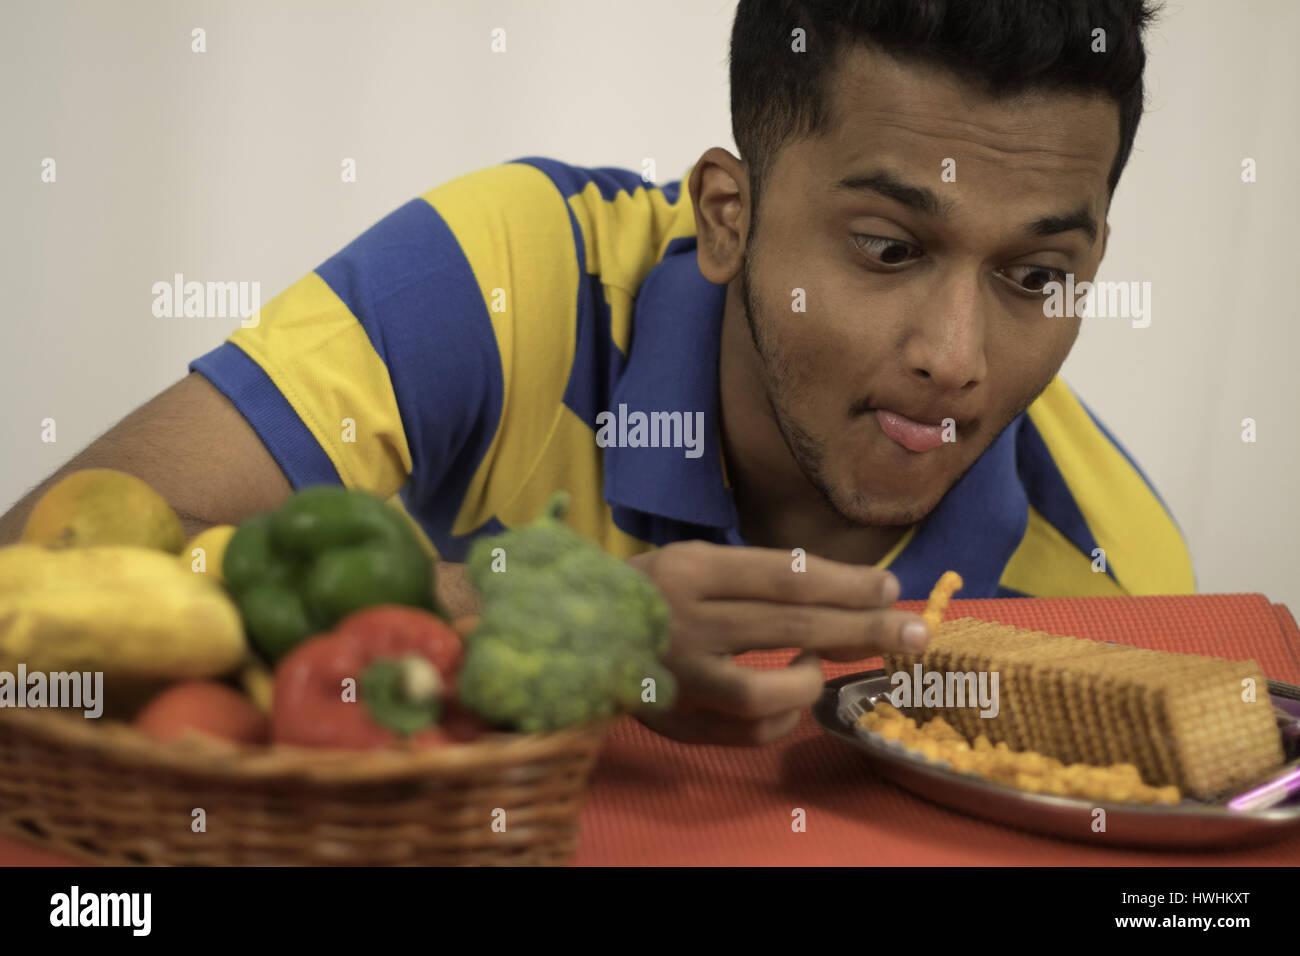 L'envie l'homme sucré salé des aliments malsains sur le panier de légumes et fruits sains Photo Stock